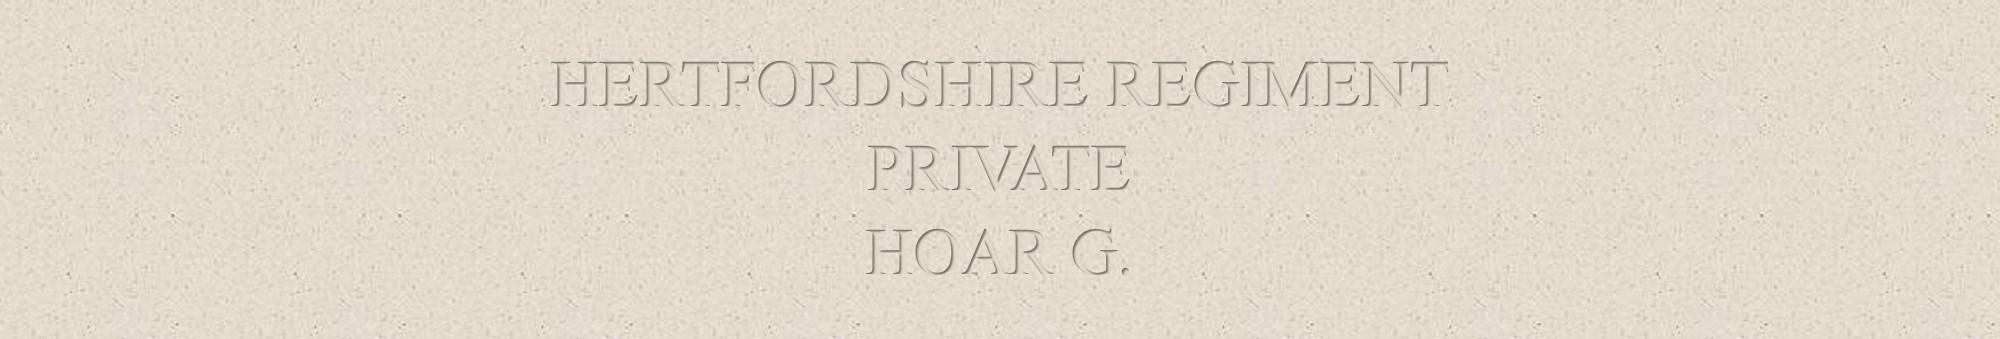 George Hoar Header